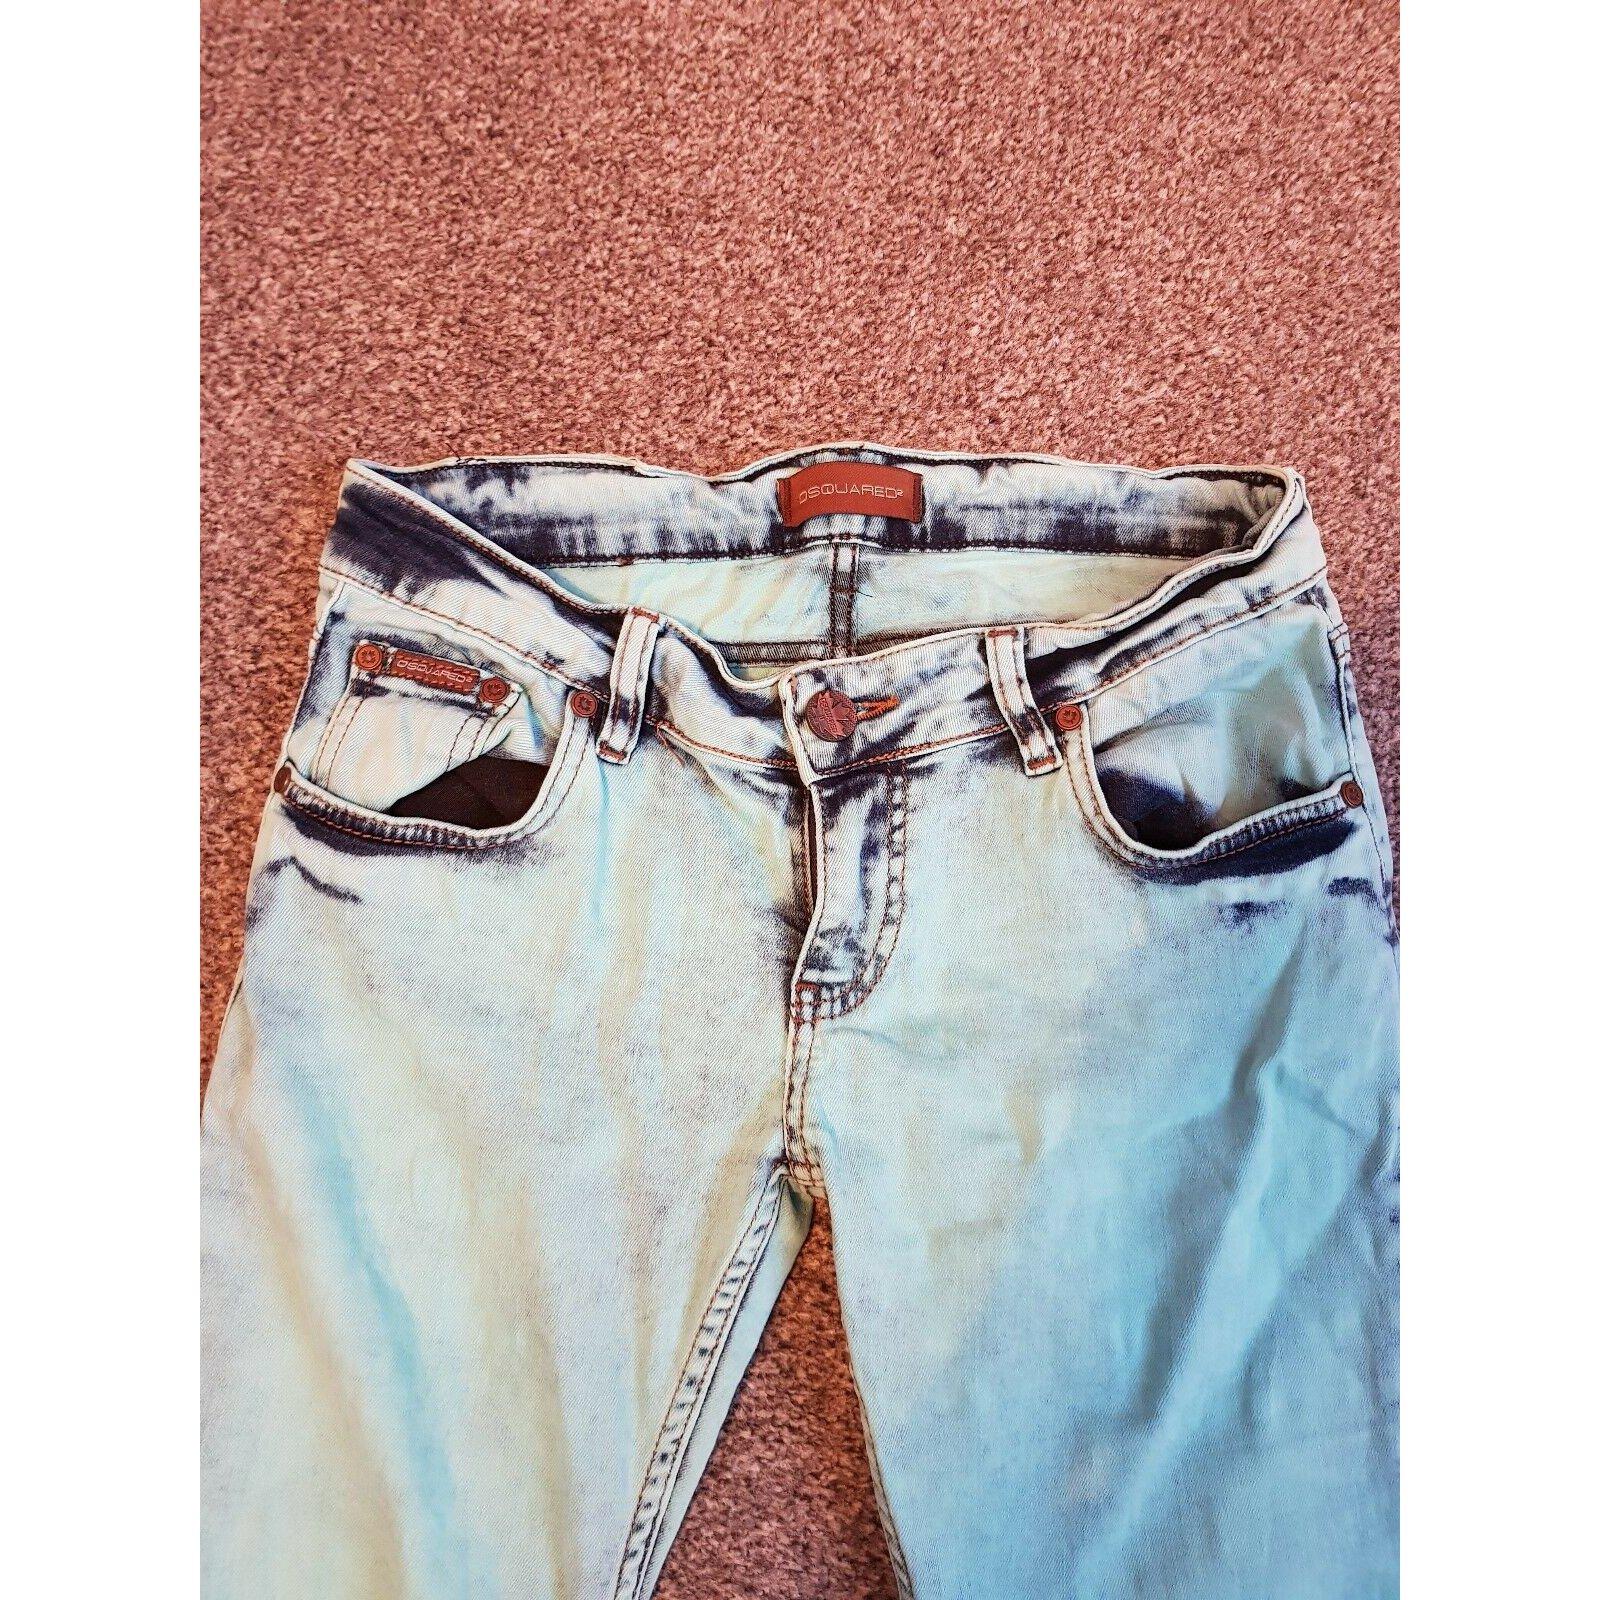 Dsquared2, Dsquared2 acid wash jeans